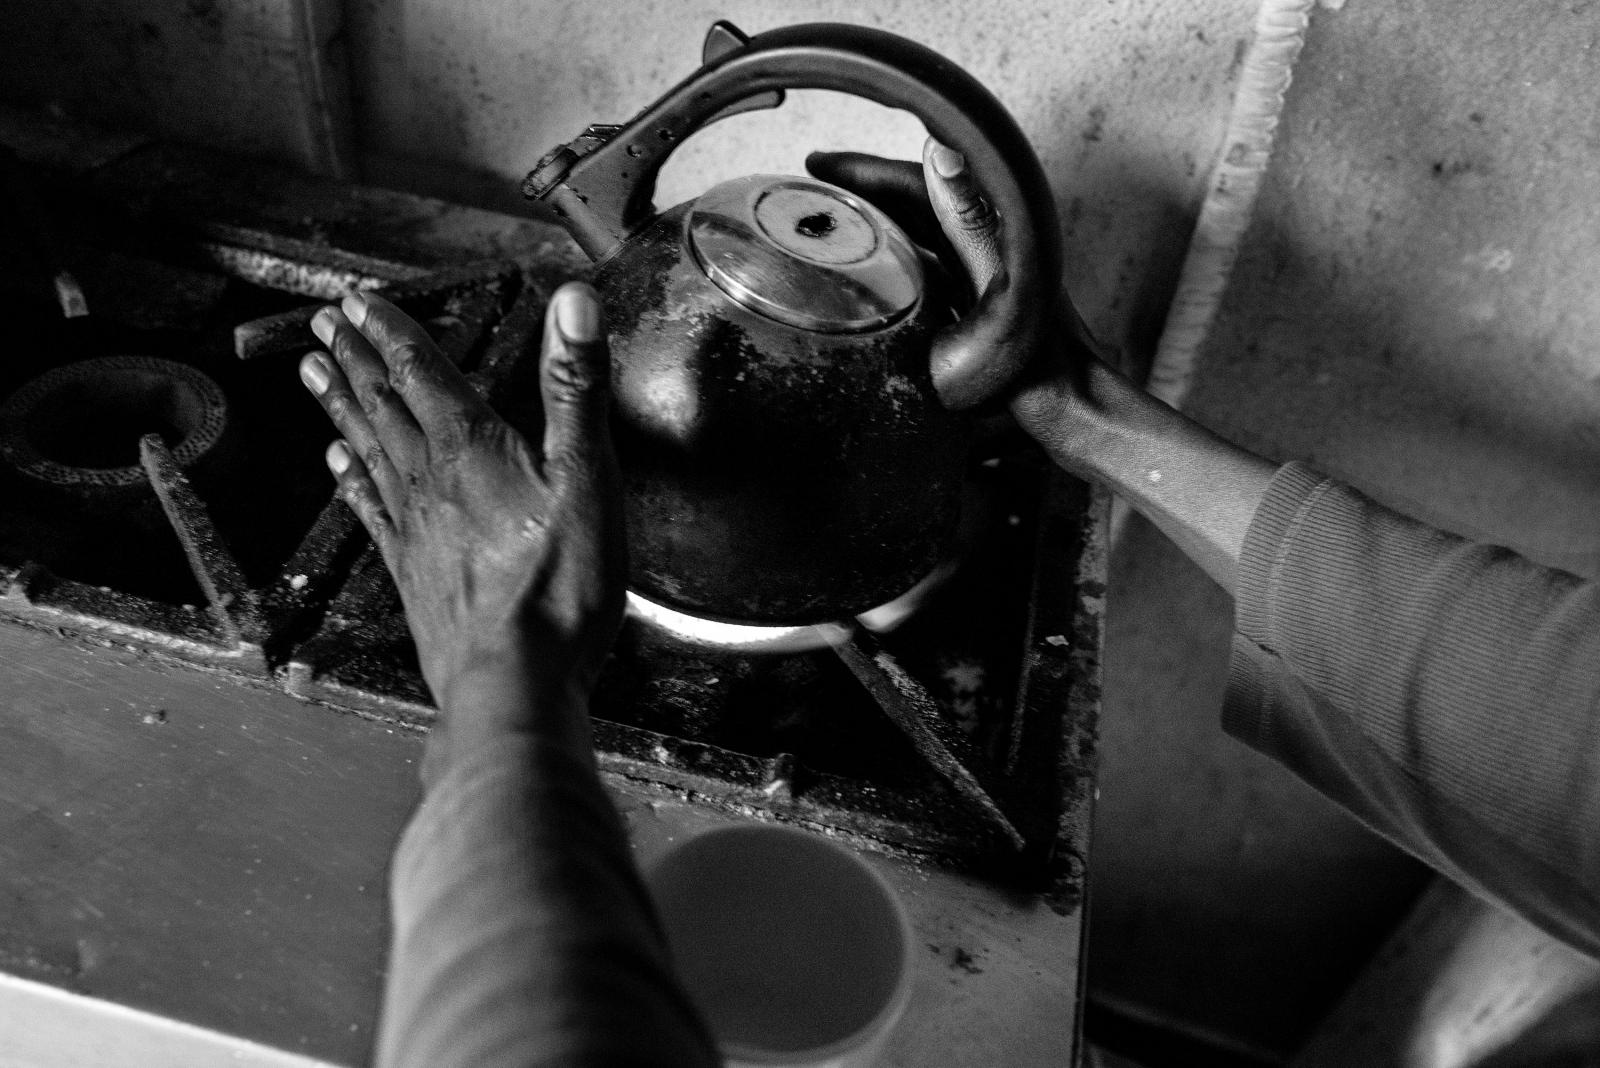 Art and Documentary Photography - Loading The_Zaghawa_of_Sudan_-_Maurizio_Martorana__11.jpg